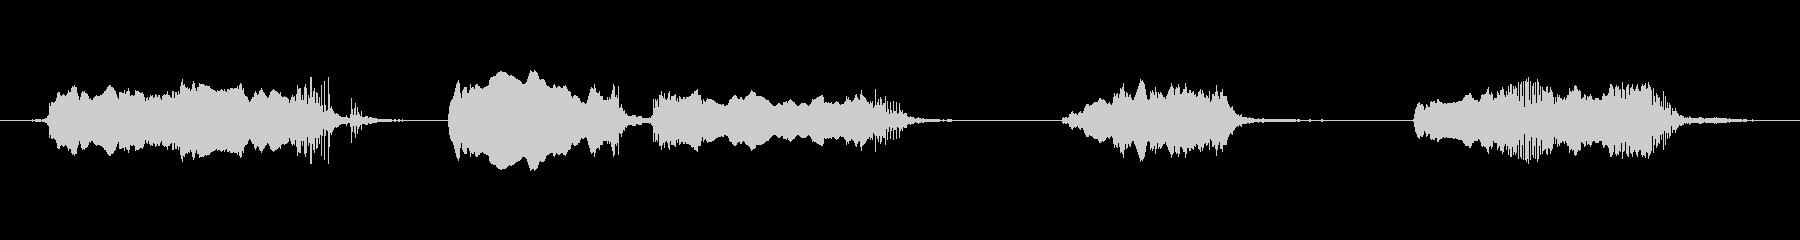 ガラス摩擦x4の未再生の波形